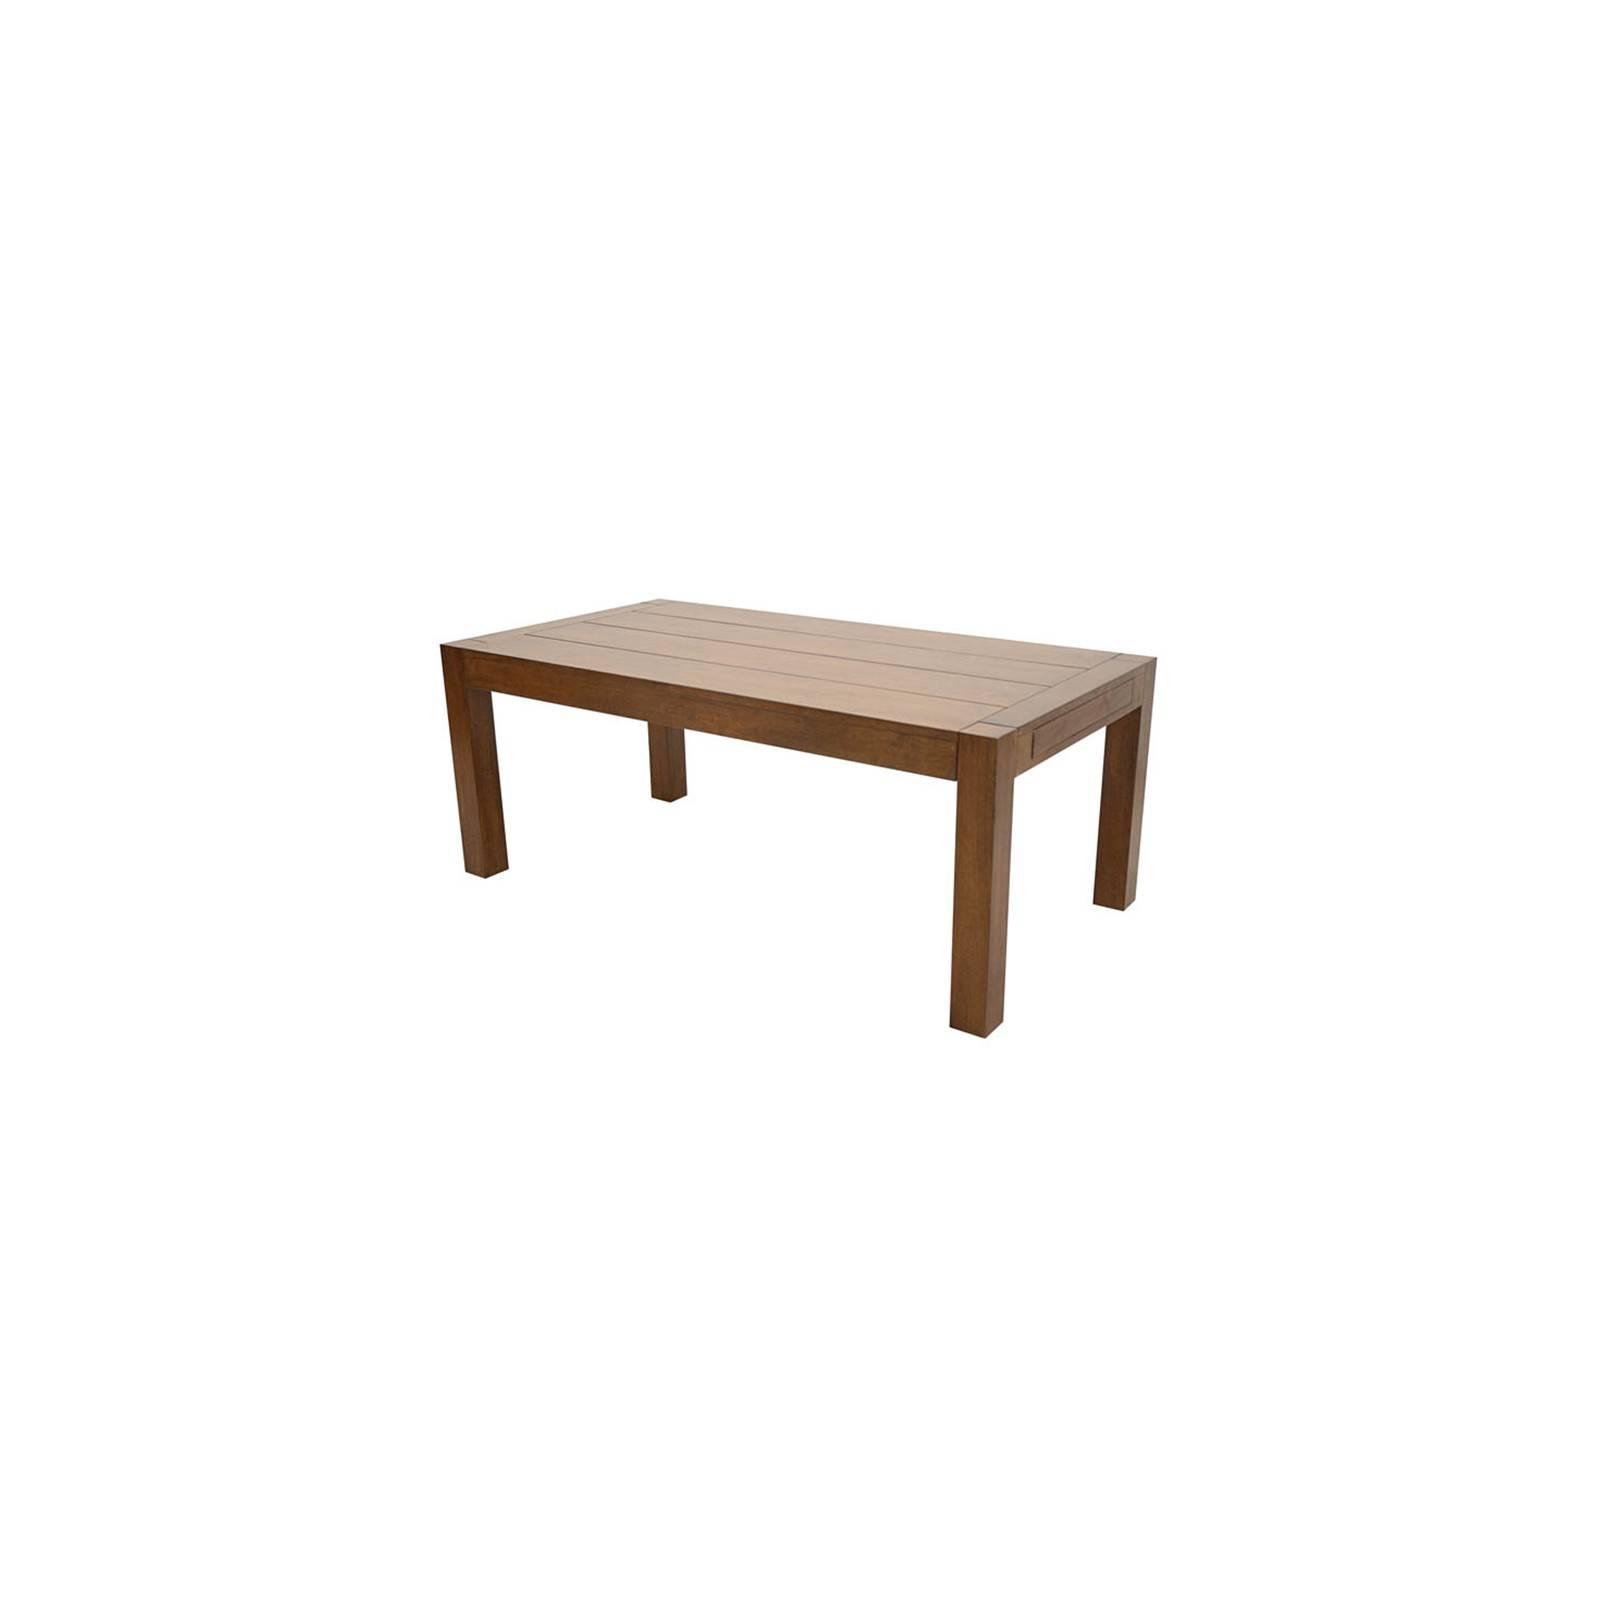 Table à rallonges de la collection de meubles modernes Broadway